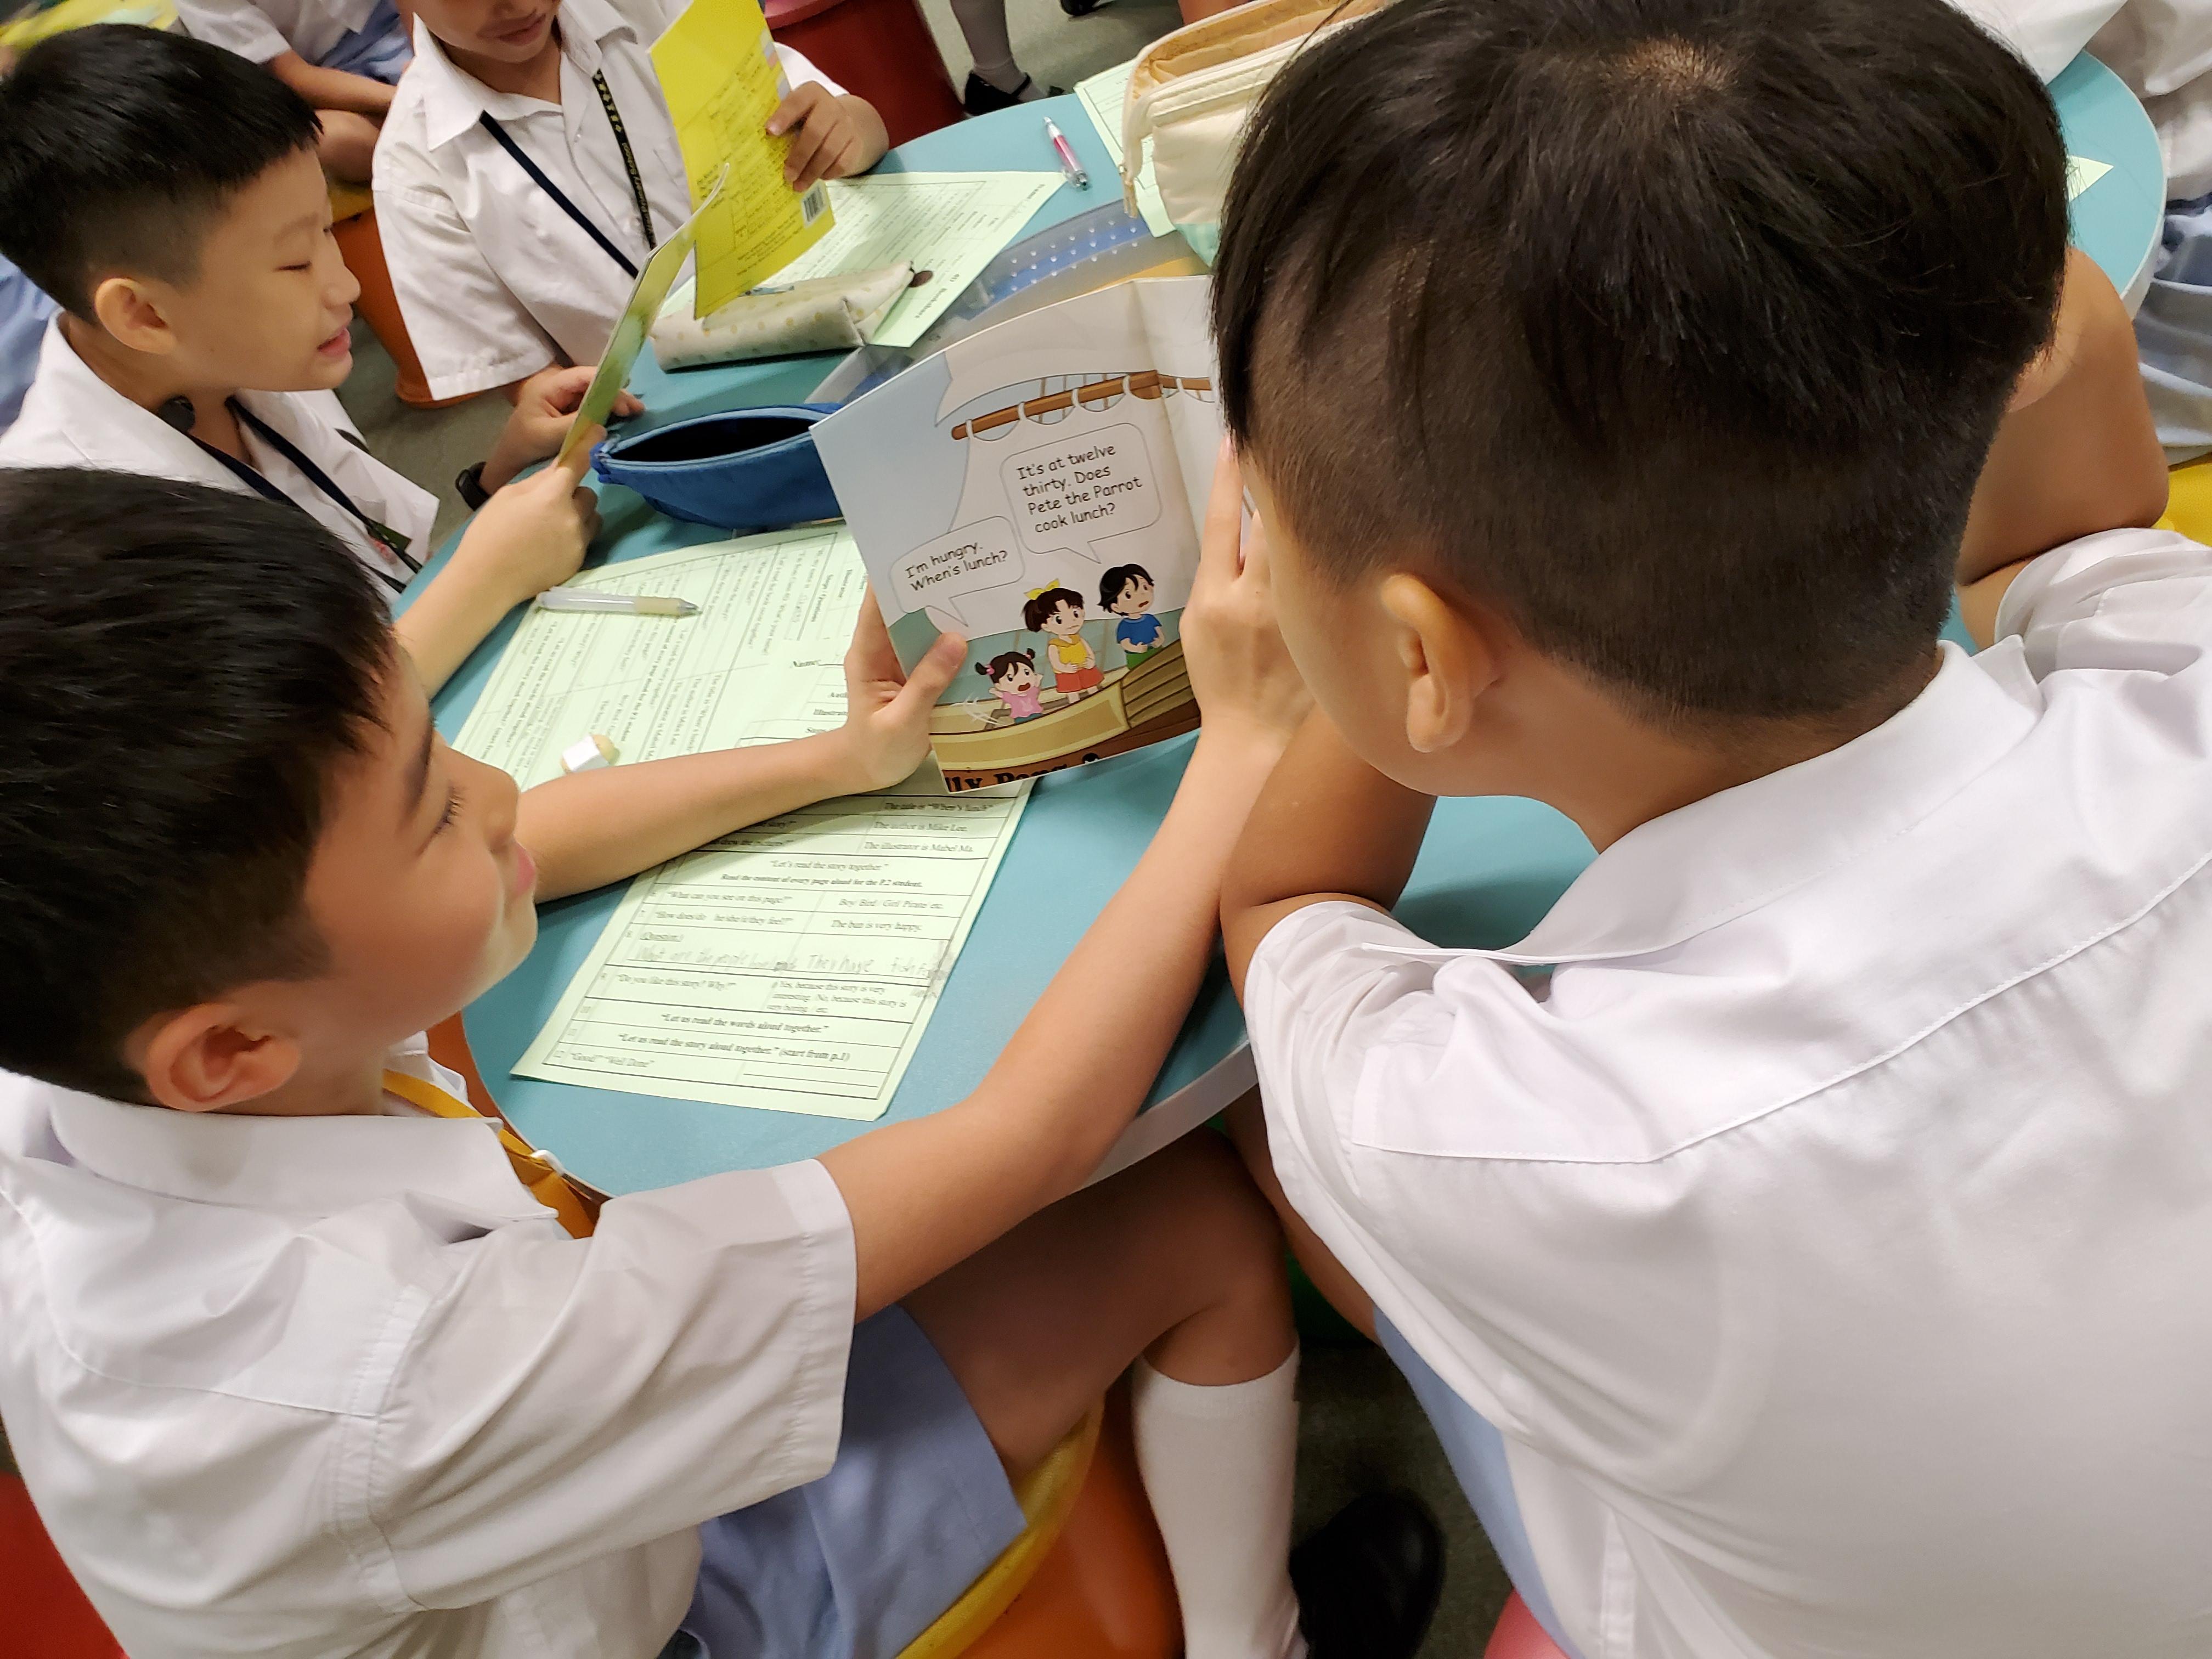 http://www.keiwan.edu.hk/sites/default/files/20191008_101705.jpg